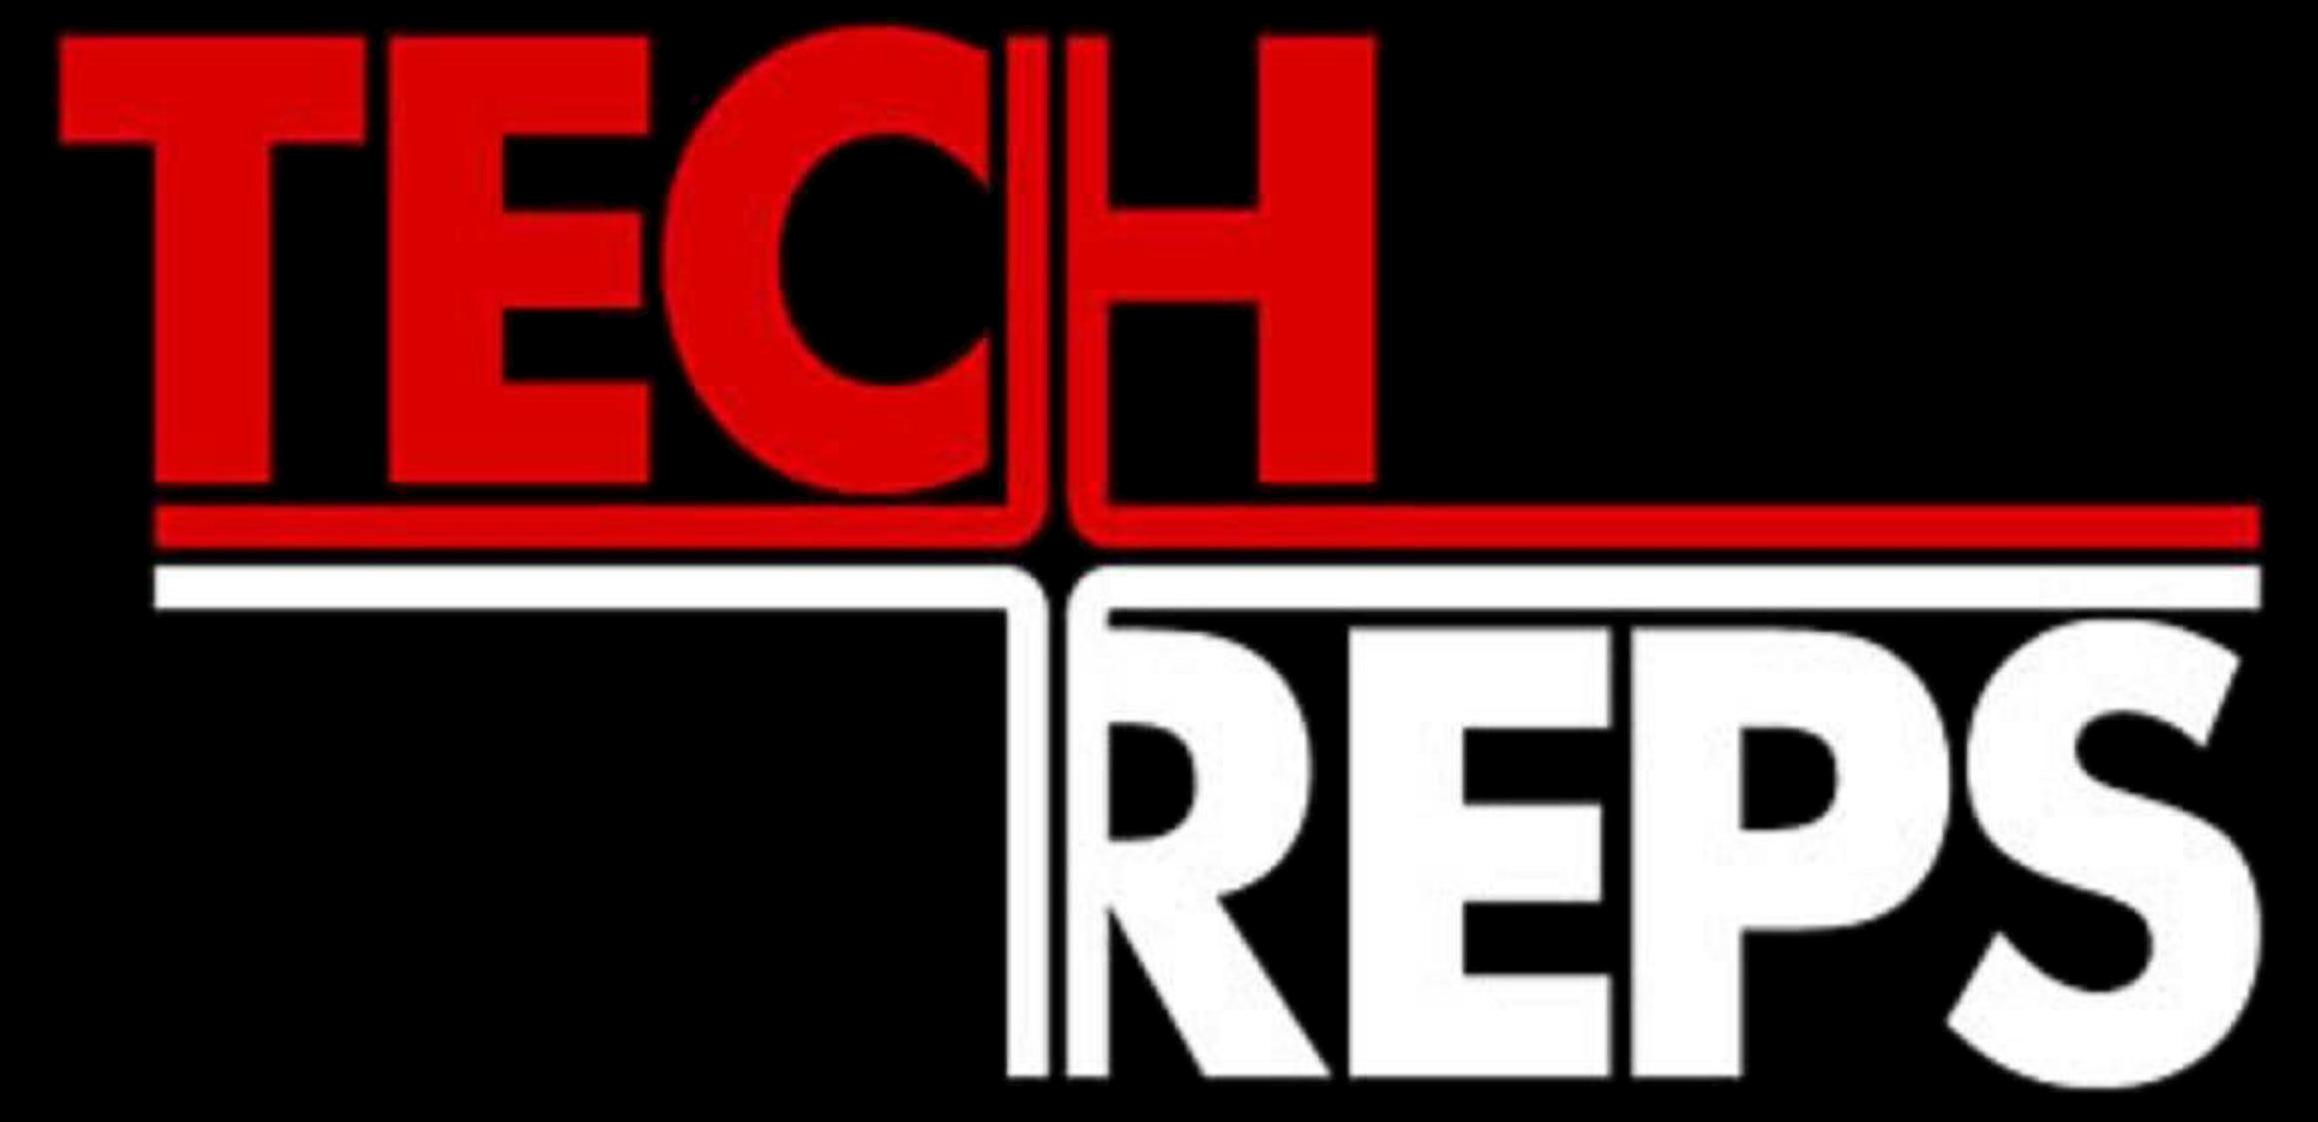 Tech Reps